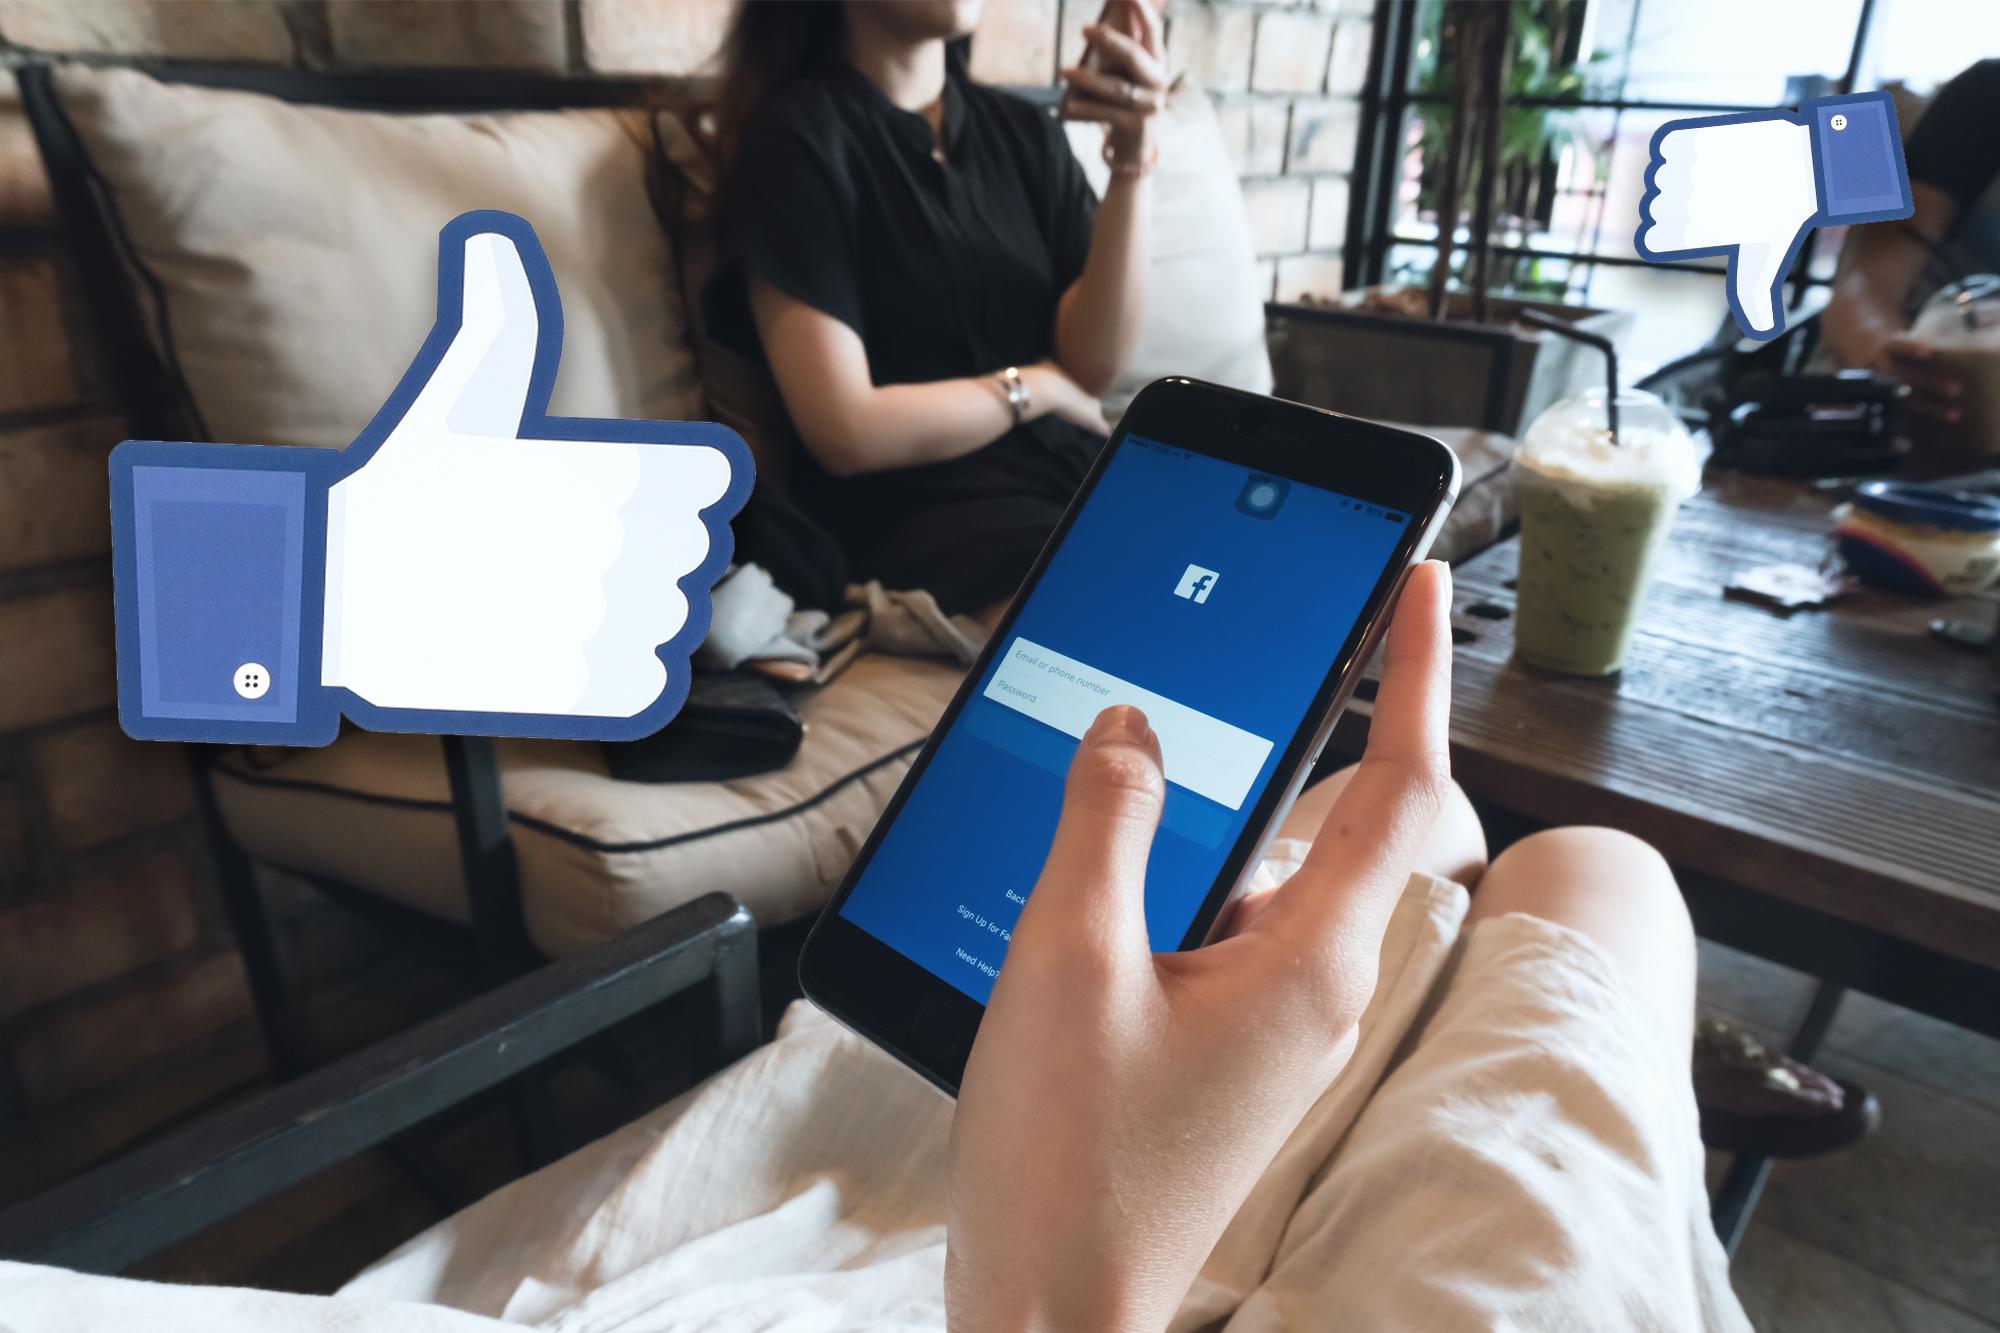 Preocupación por la privacidad en Facebook